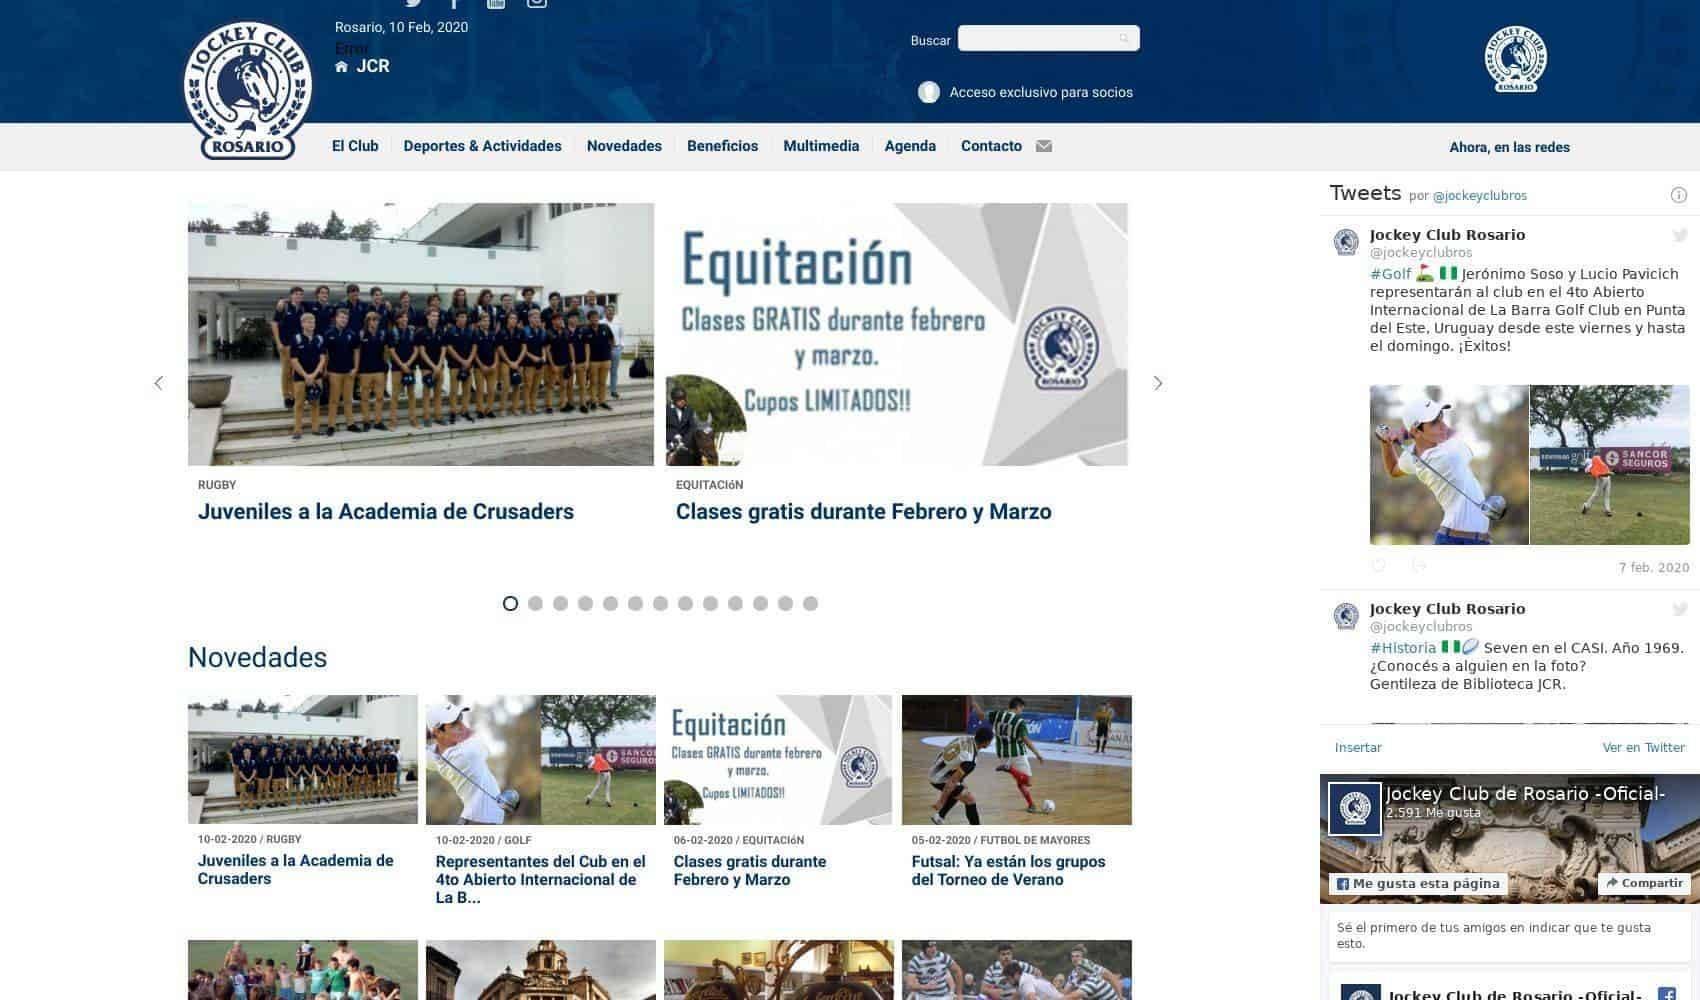 Jockey Club de Rosario